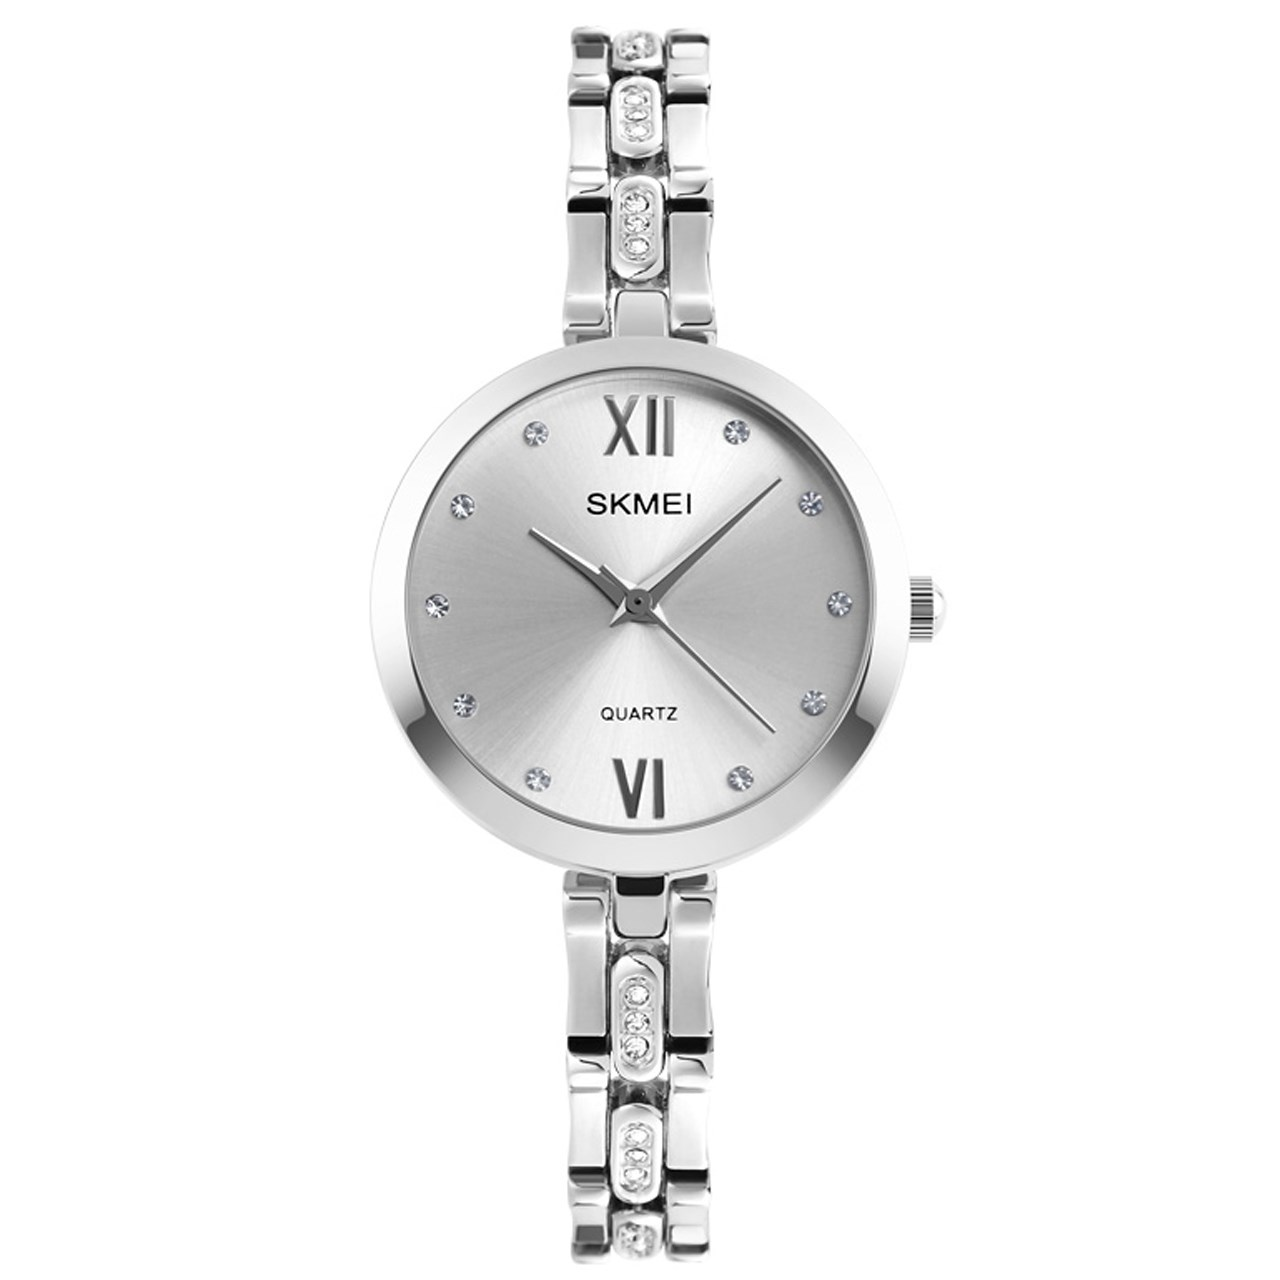 ساعت مچی عقربه ای زنانه اسکمی مدل 1225 کد 02 43